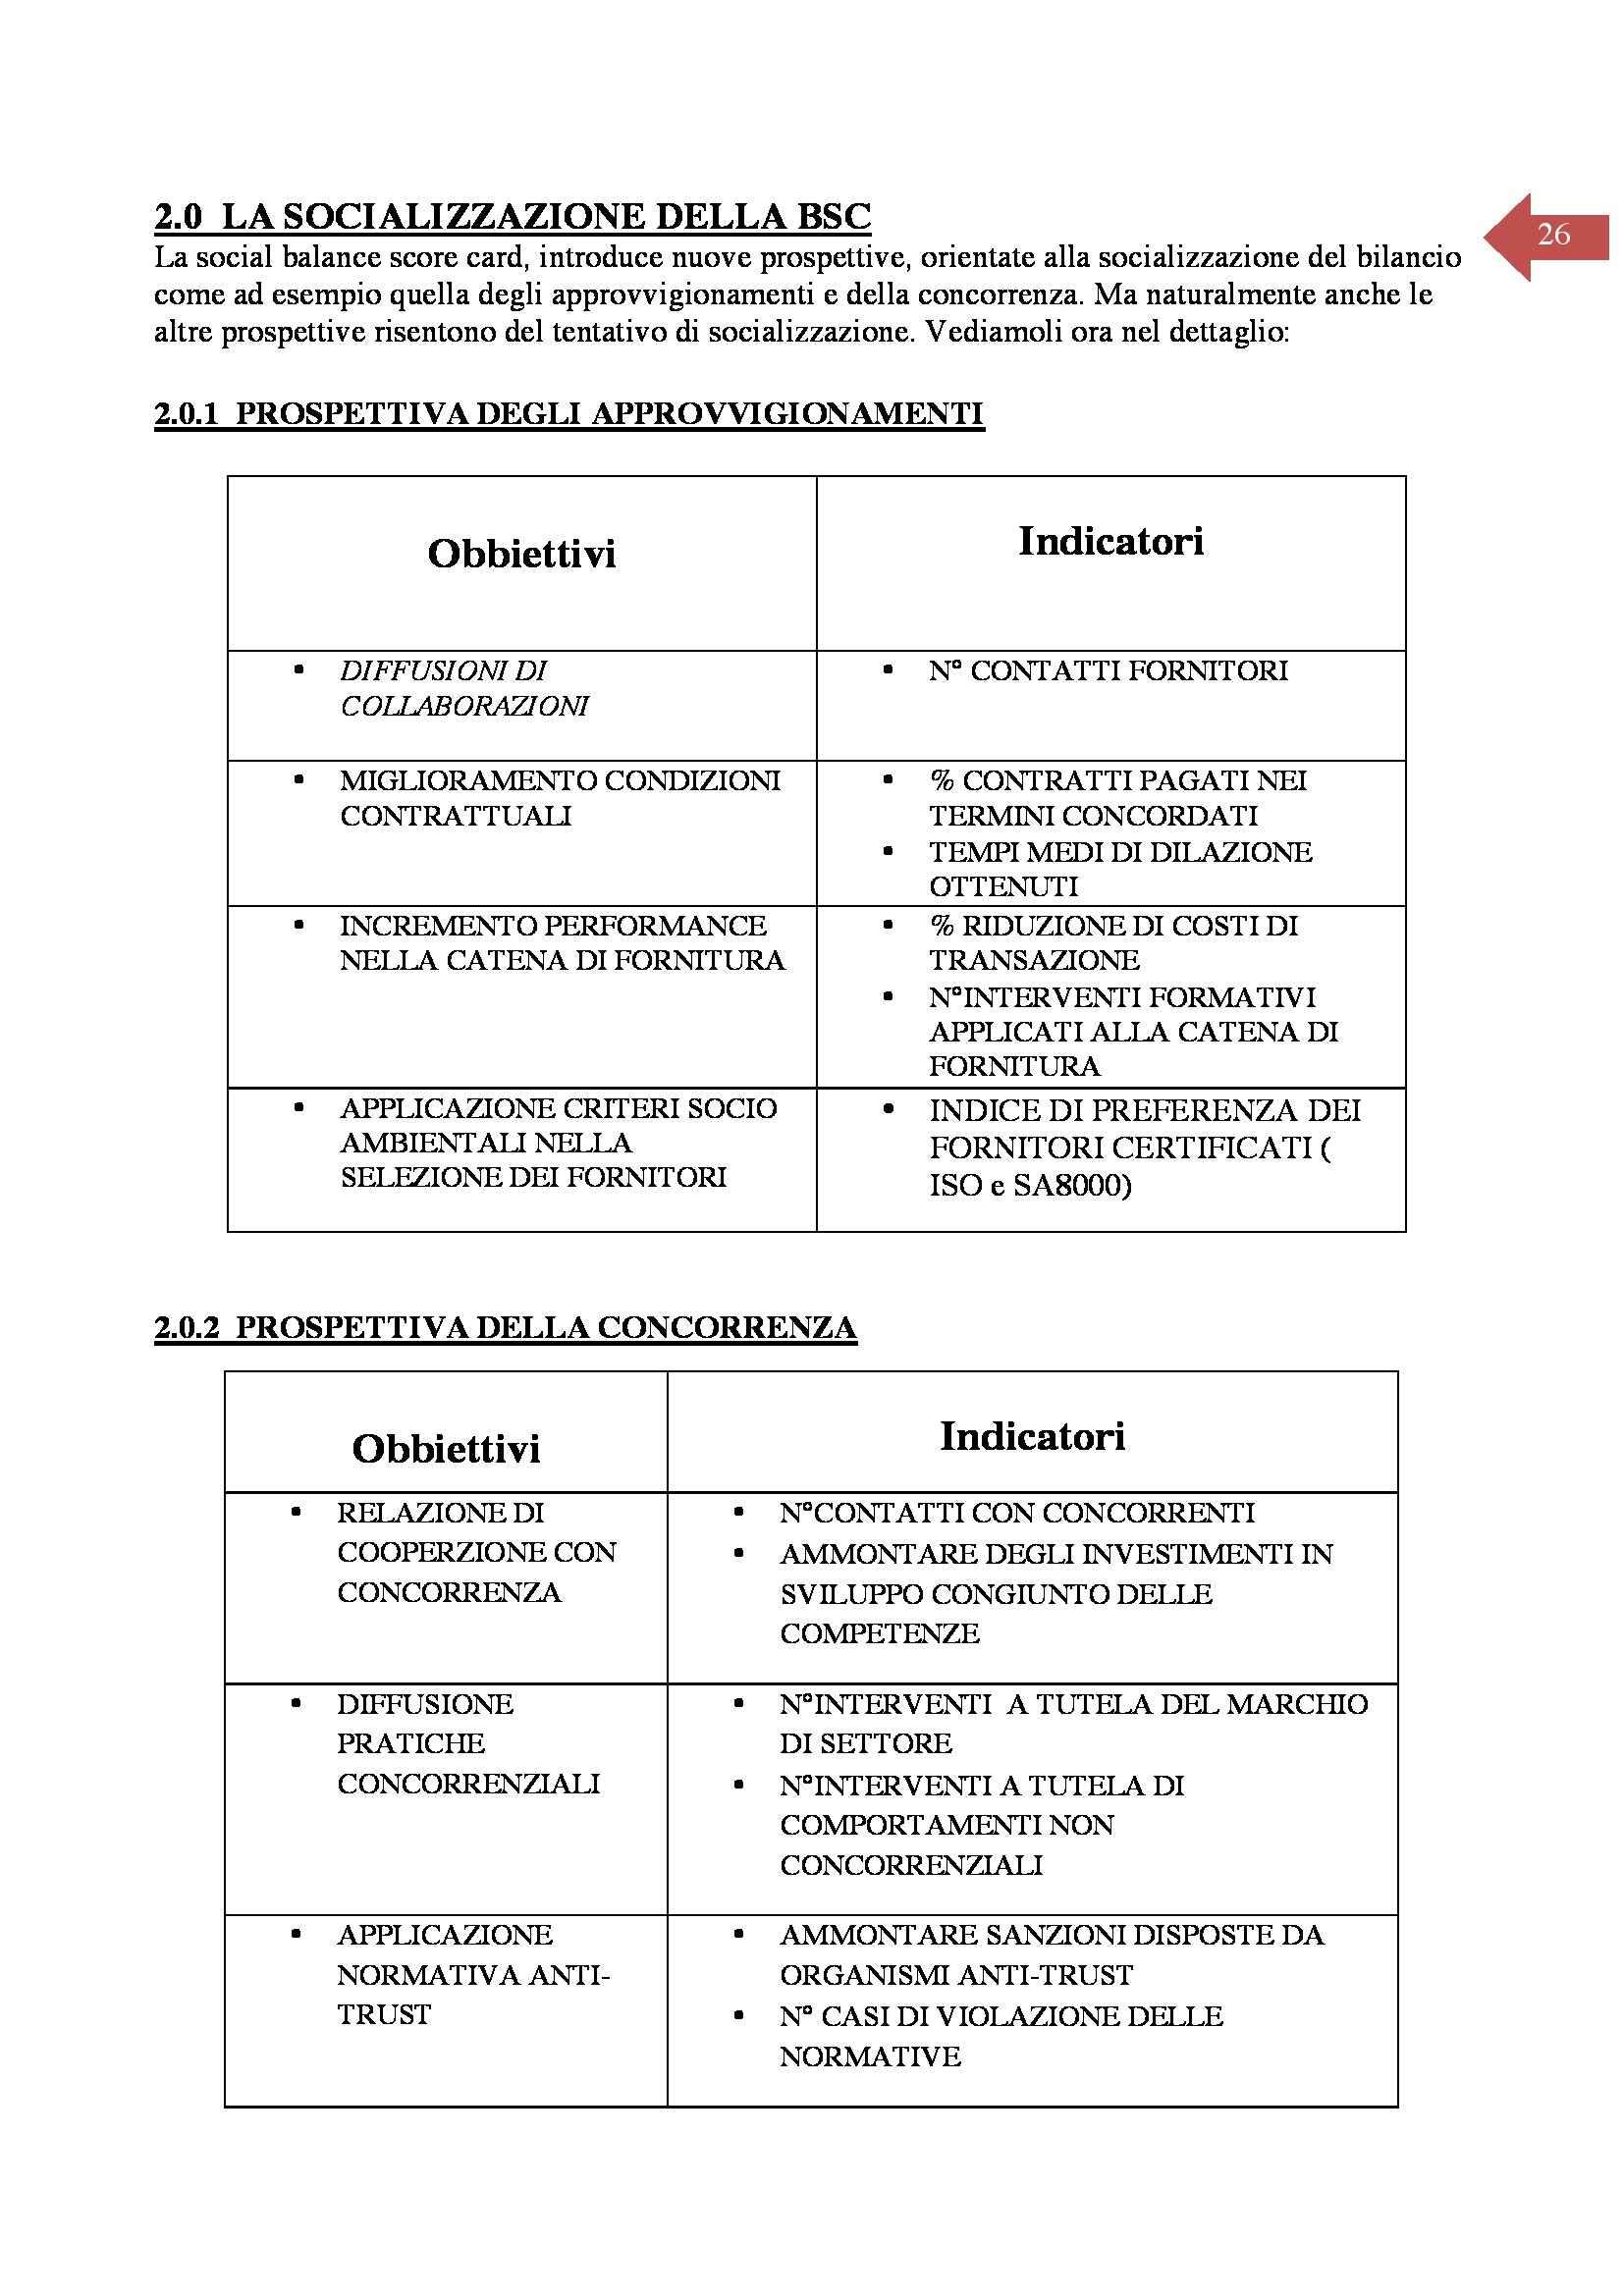 Economia d'impresa e bilancio sociale - Appunti Pag. 26